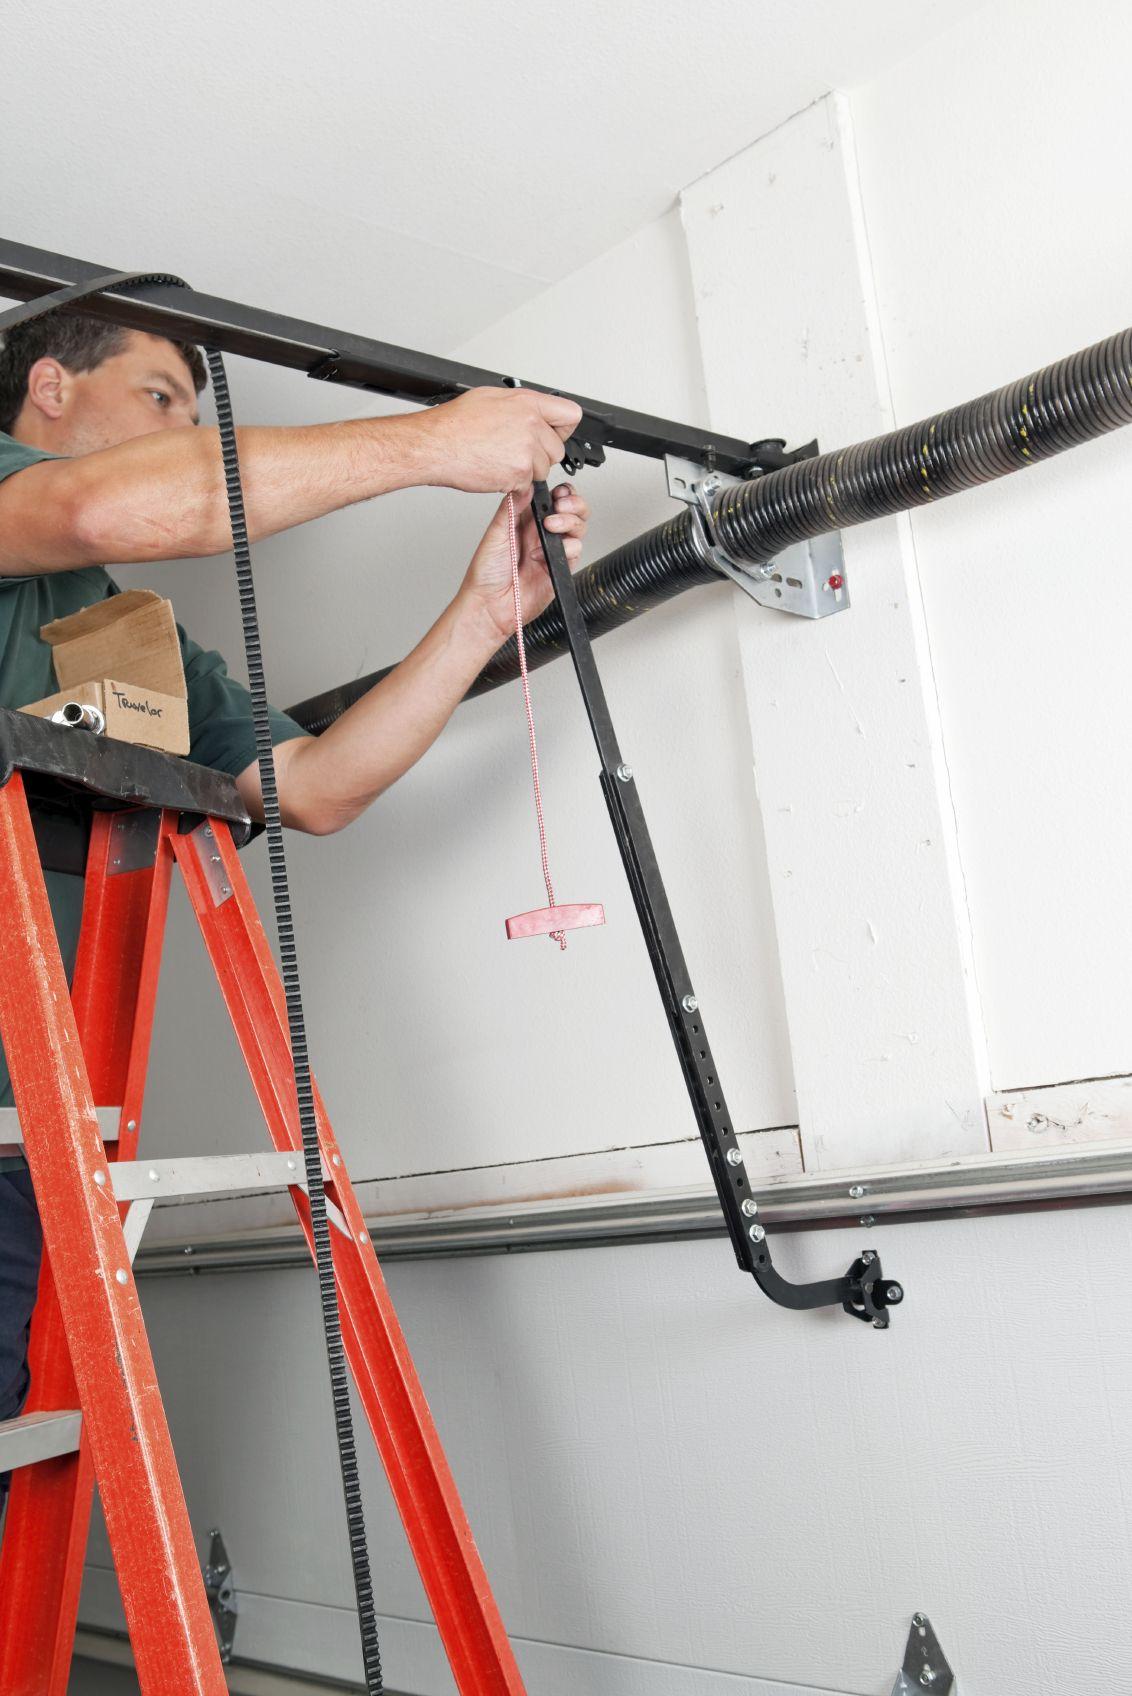 Routine Maintenance Program To Keep Your Door In Excellent Working